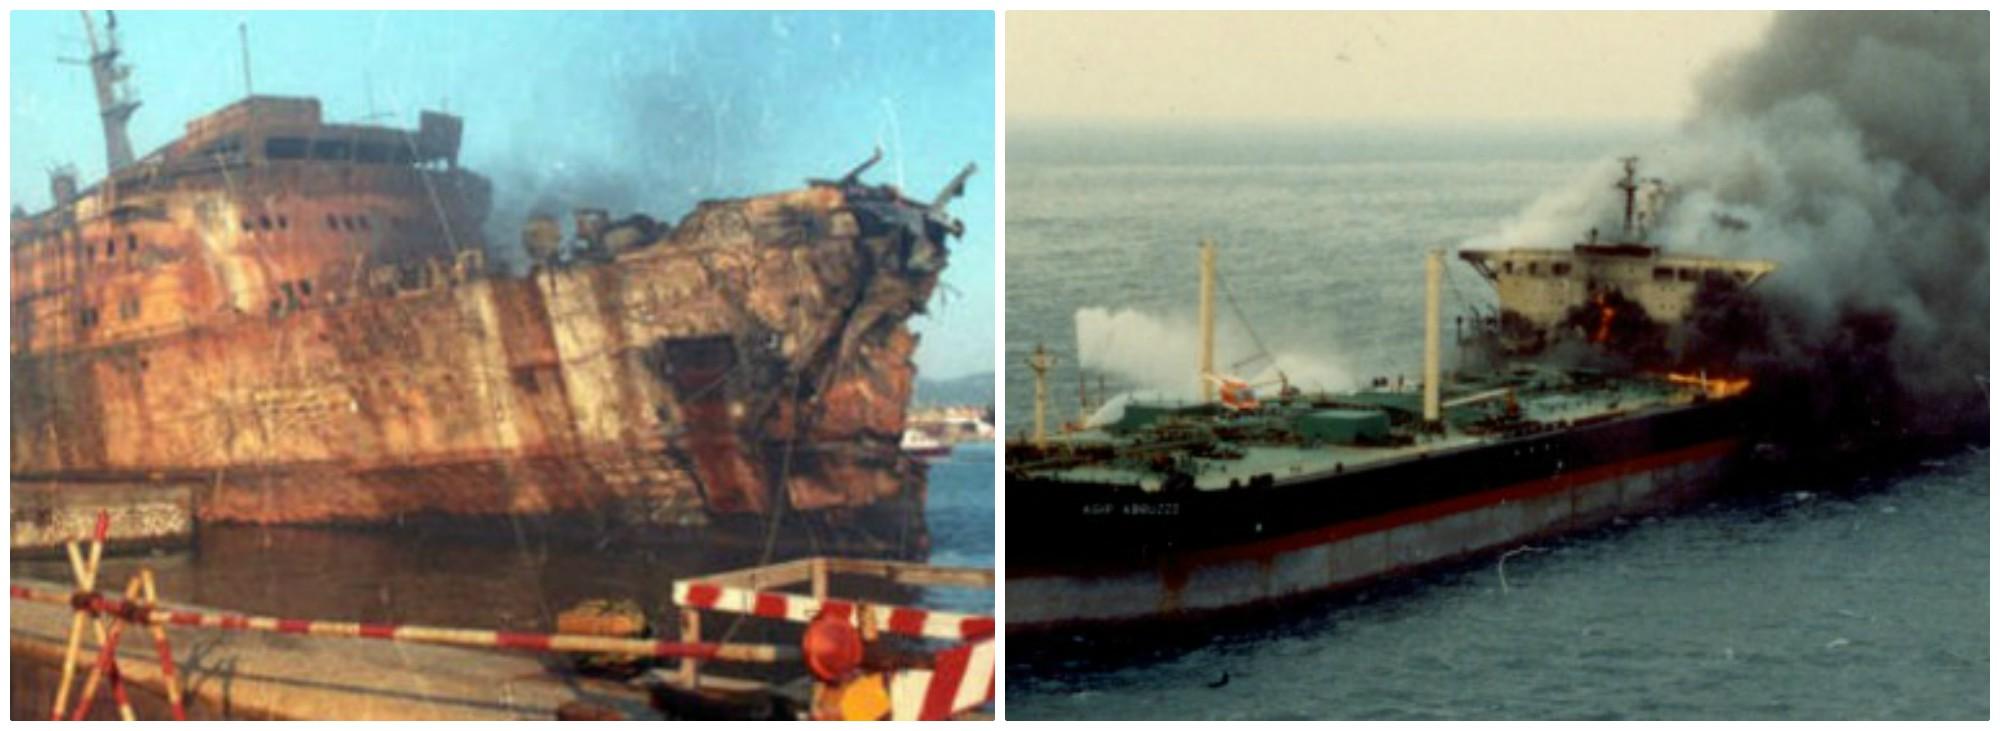 Moby Prince, la verità dopo 27 anni. I pezzi mancanti? I viaggi della petroliera e le colpe degli alti ufficiali della Marina